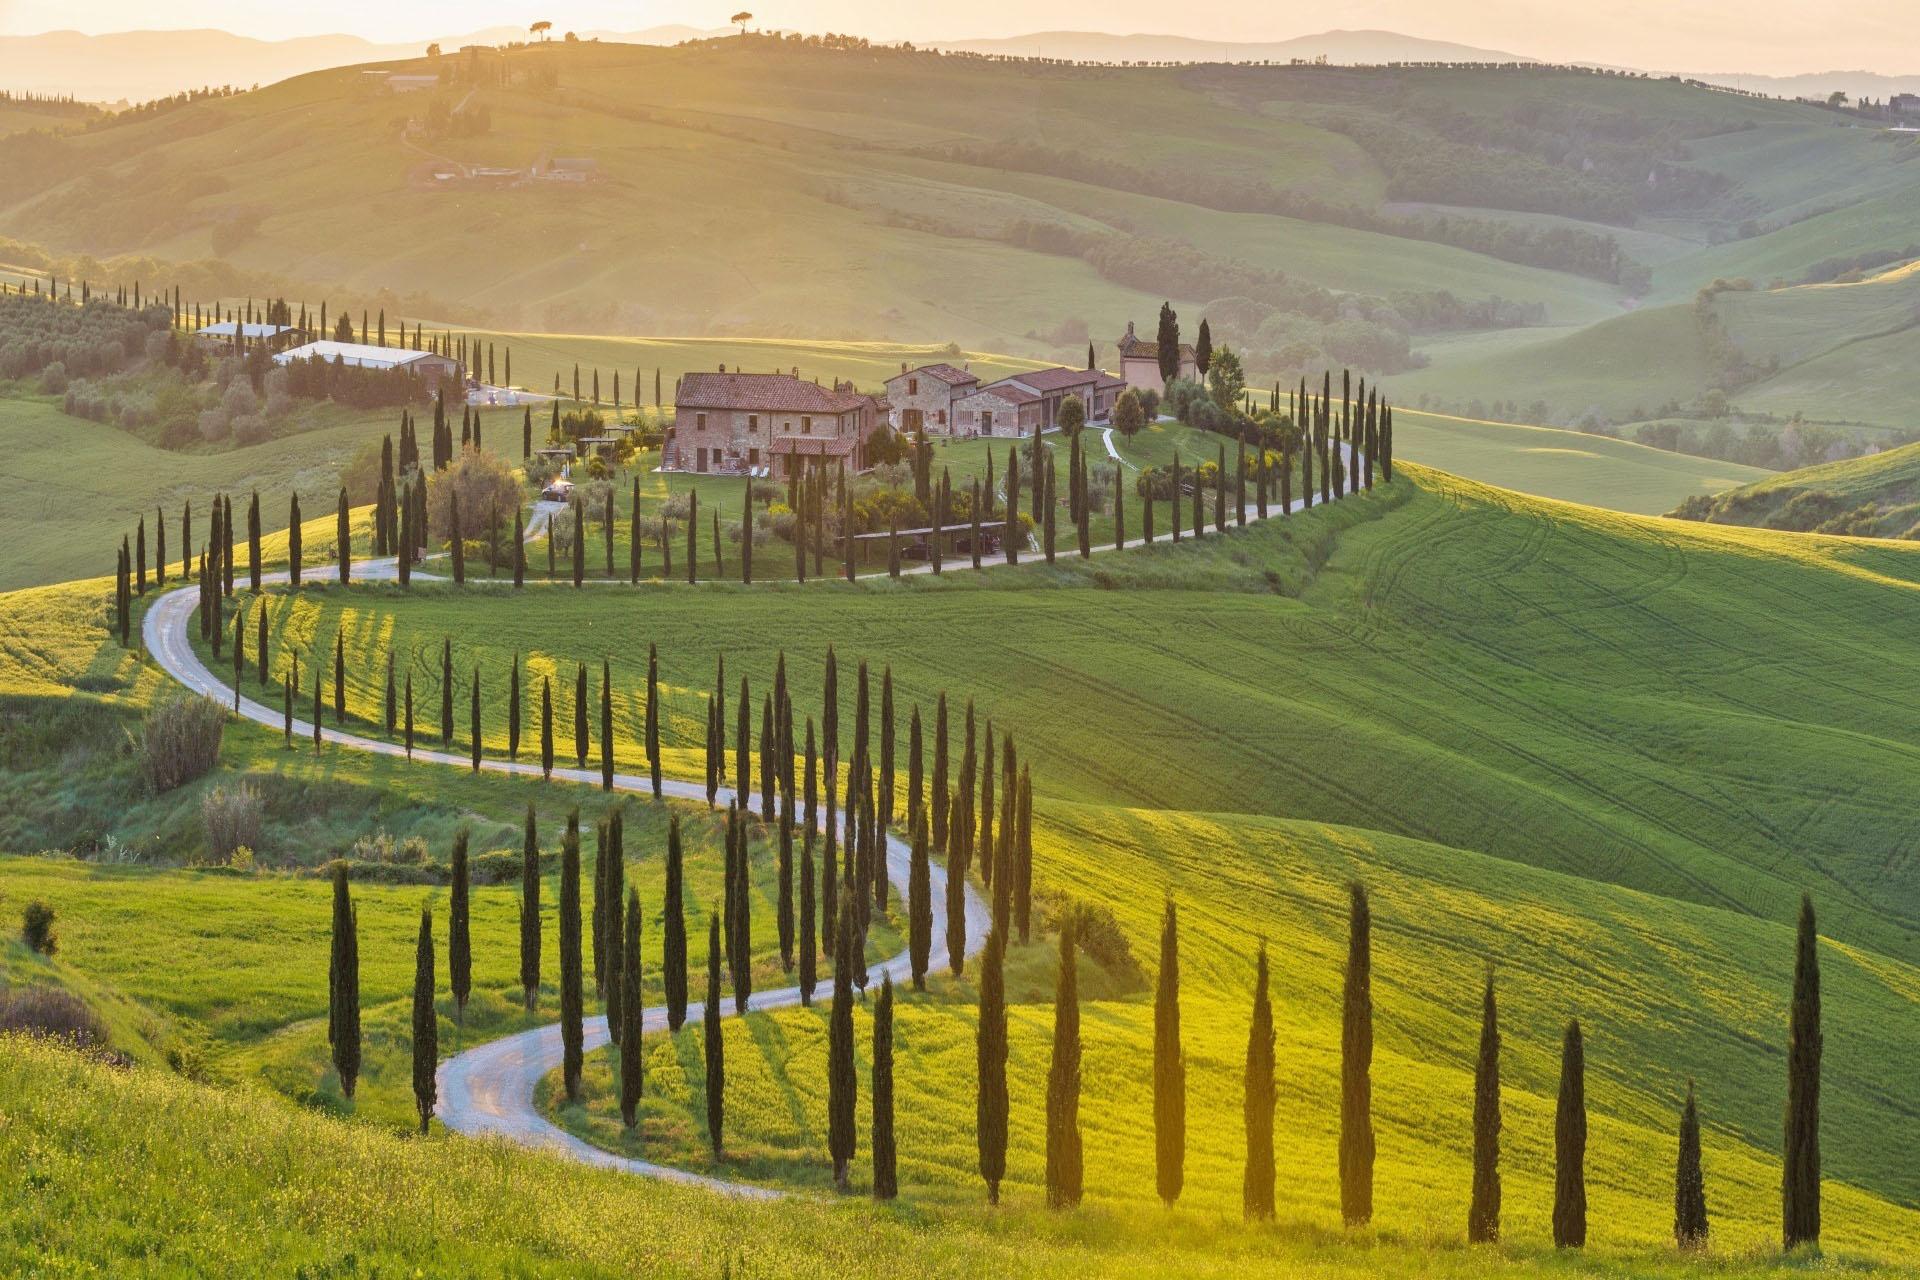 春のイタリア 田舎風景